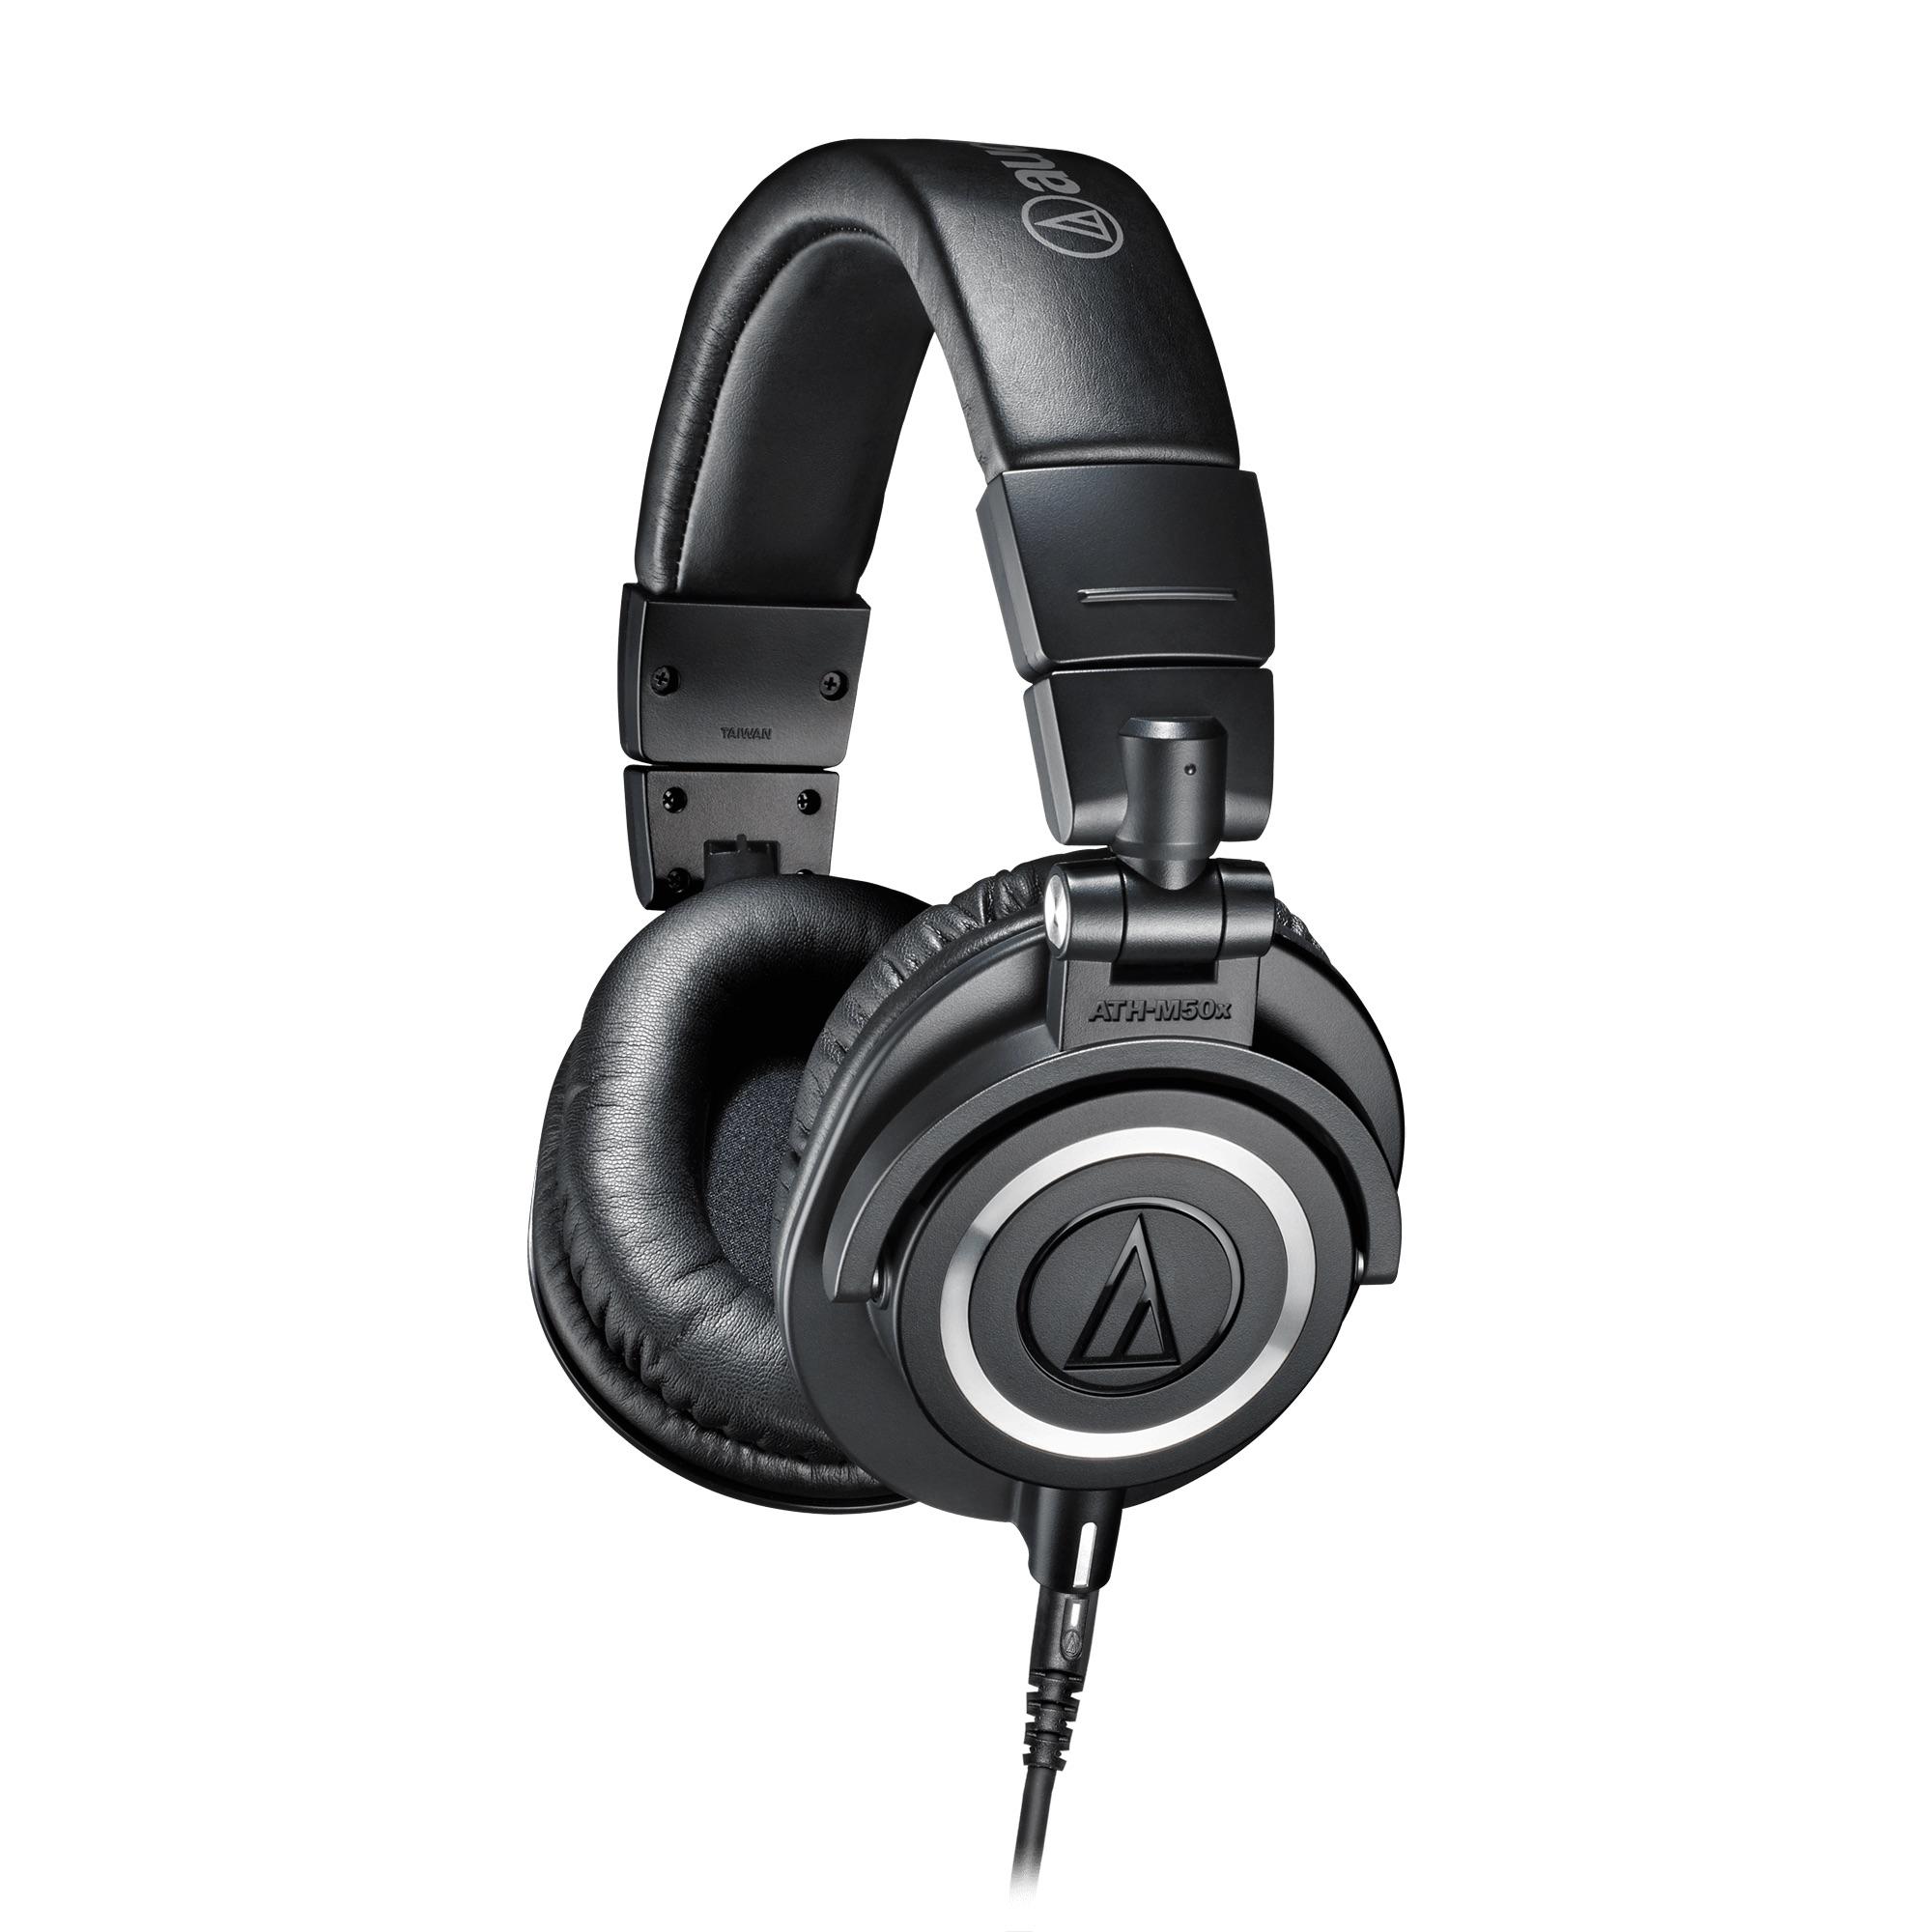 Audio-Technica_ATH-M50x